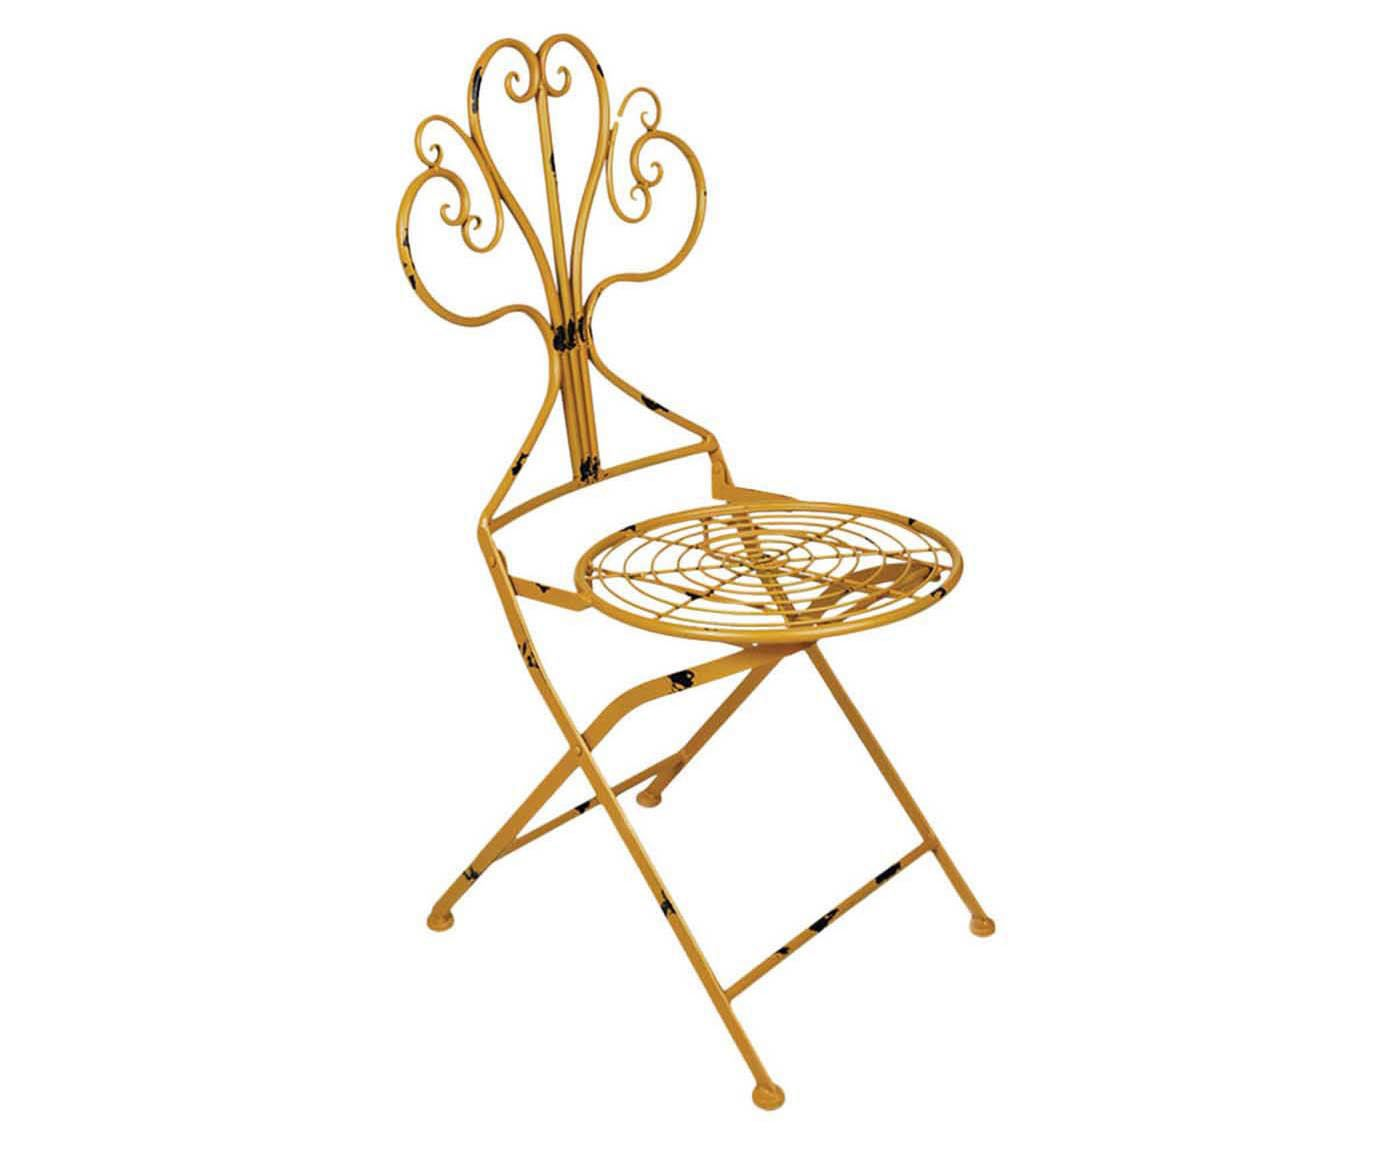 Cadeira arabesc - daisy | Westwing.com.br